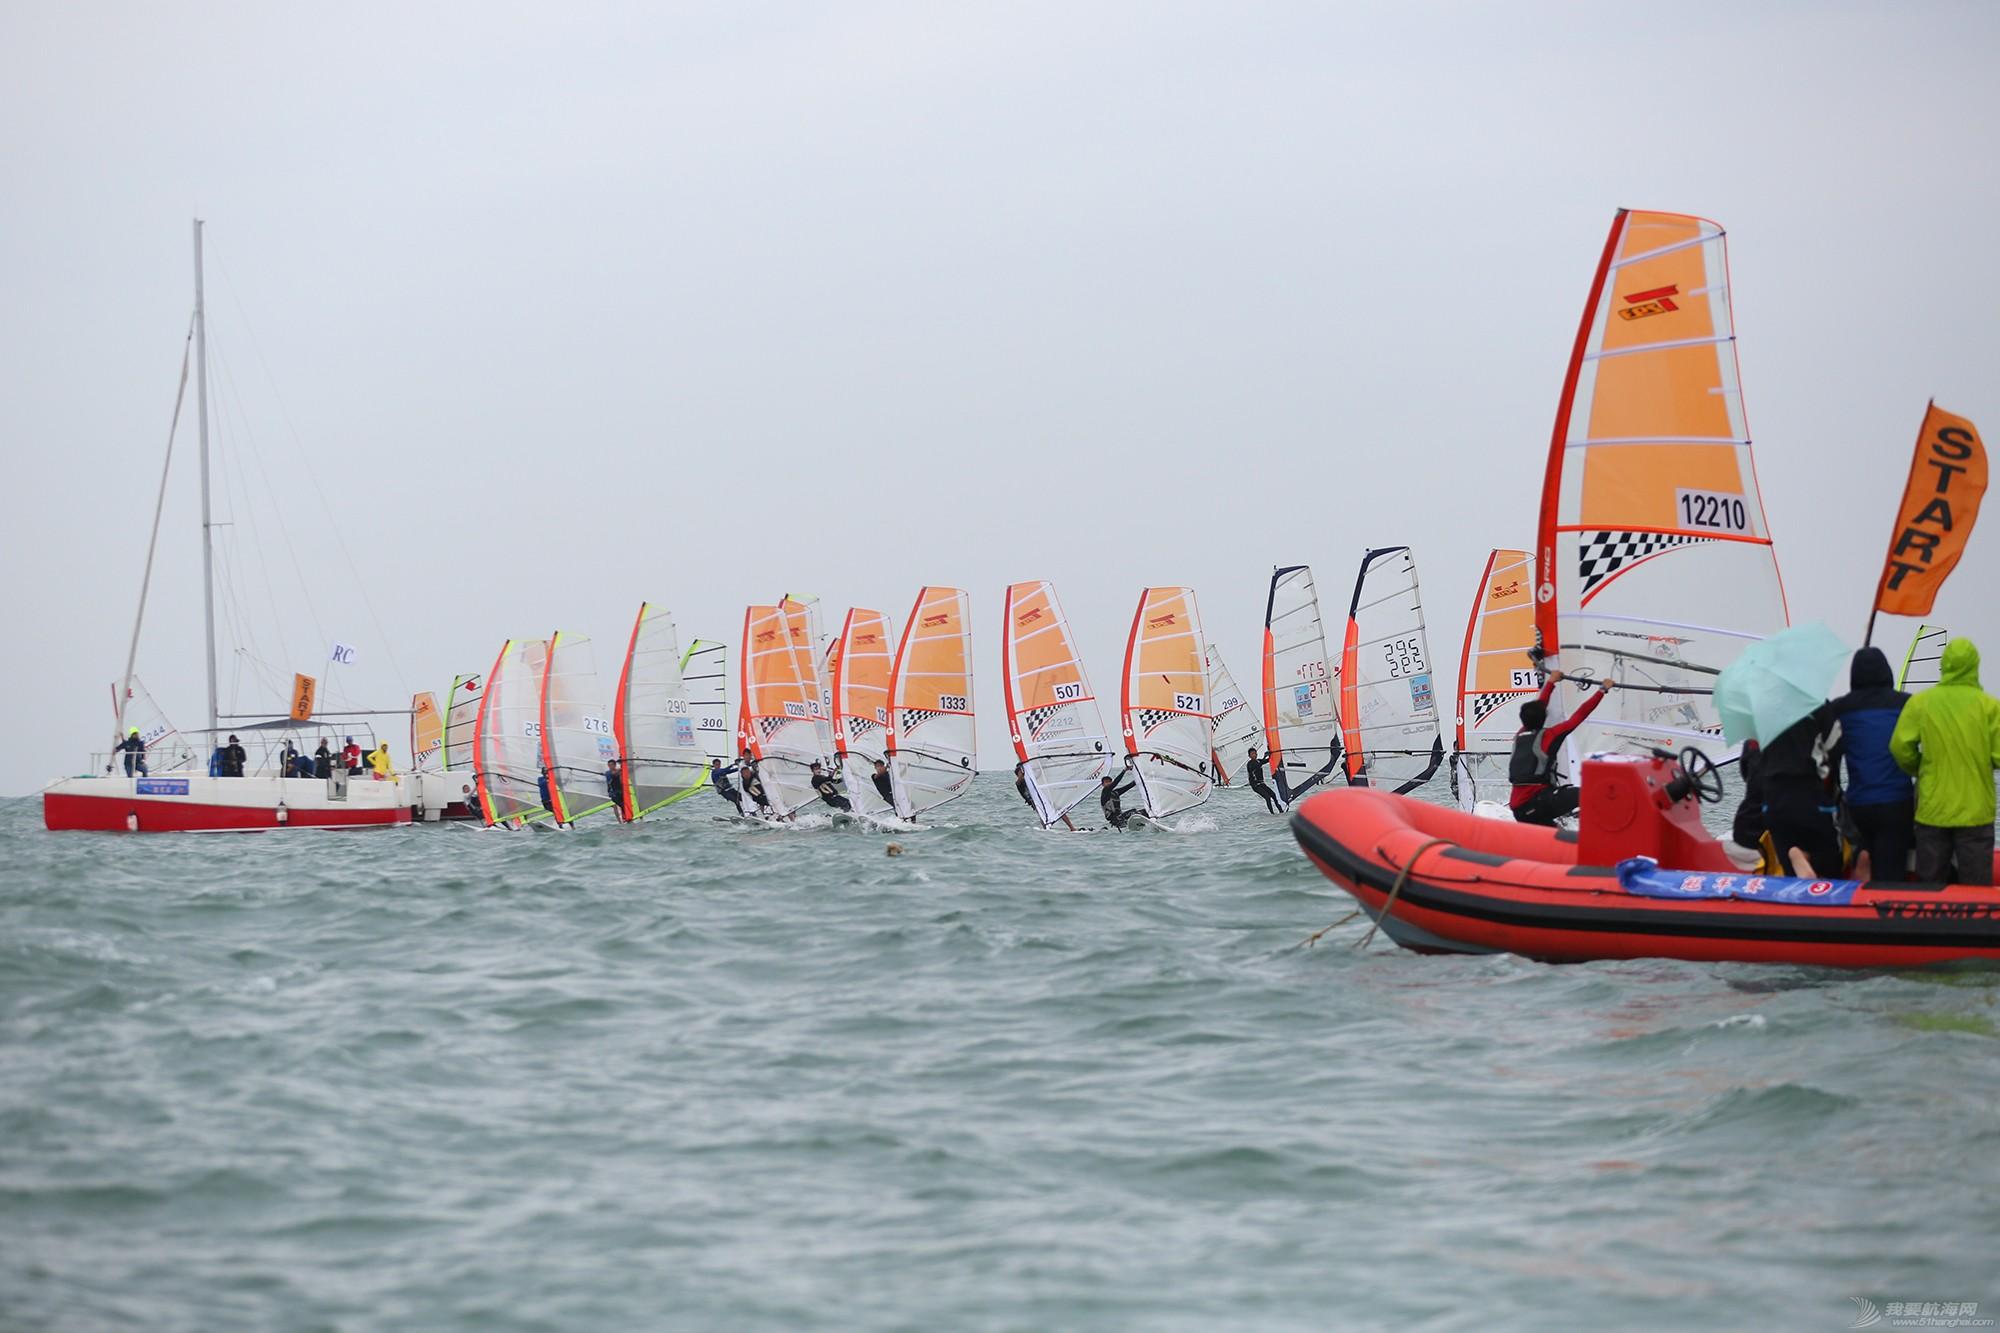 山东省,运动员,冠军赛,天气,帆板 风生水起,怎奈个个都是浪里白条——山东省帆船帆板冠军赛第二天赛况 5V8A2020副本.jpg